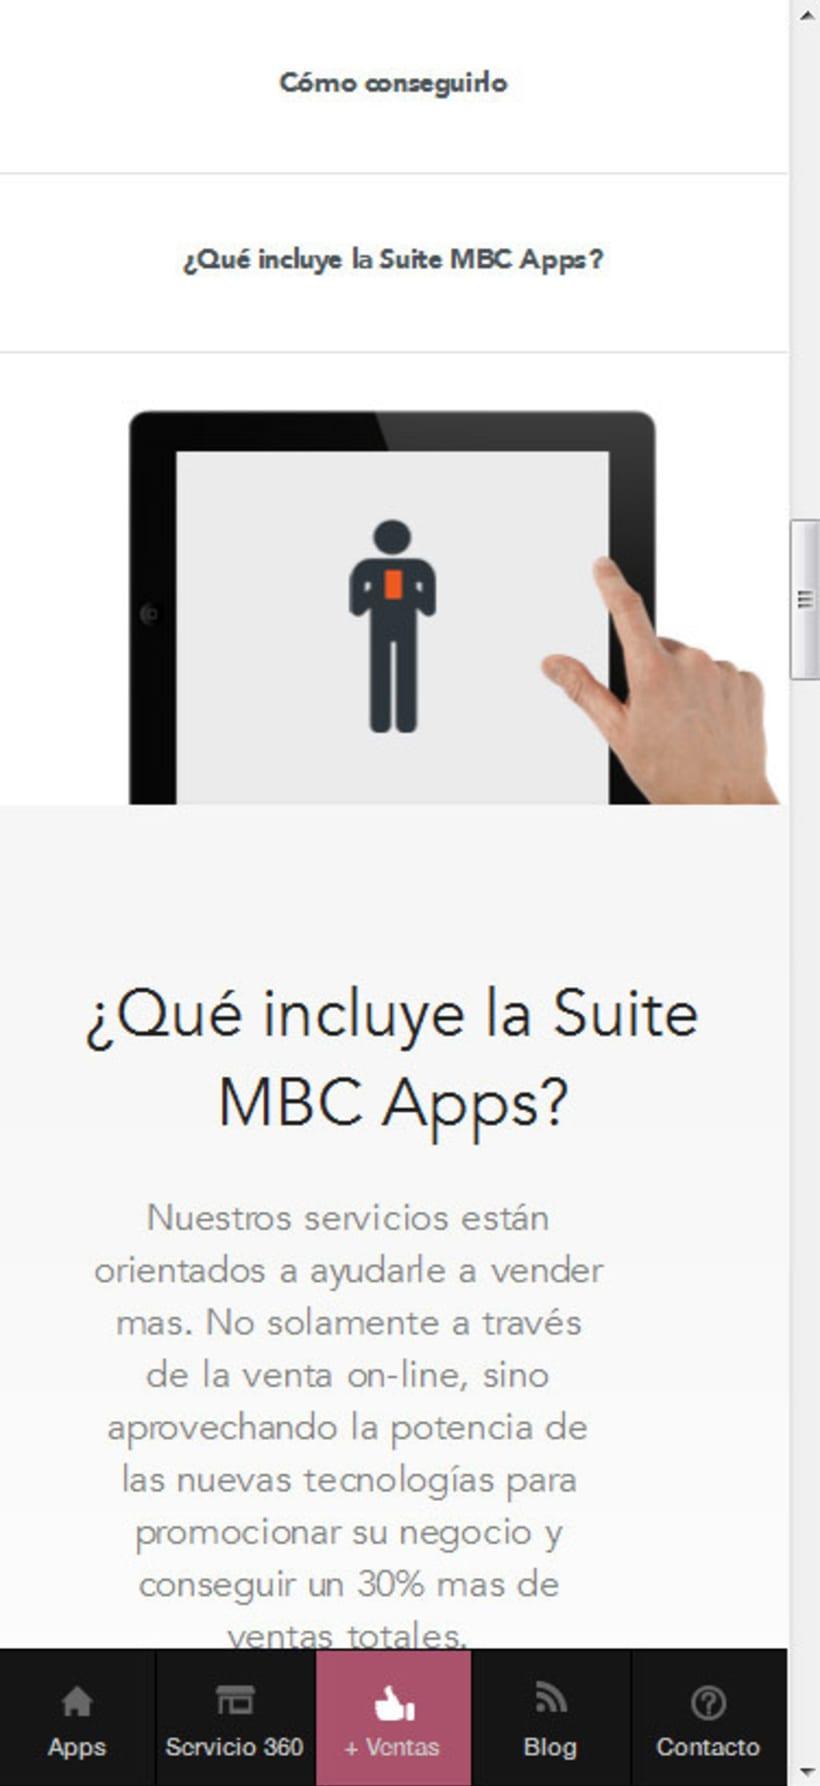 Responsive Design + CSS + xHTML - MBC Apps 1